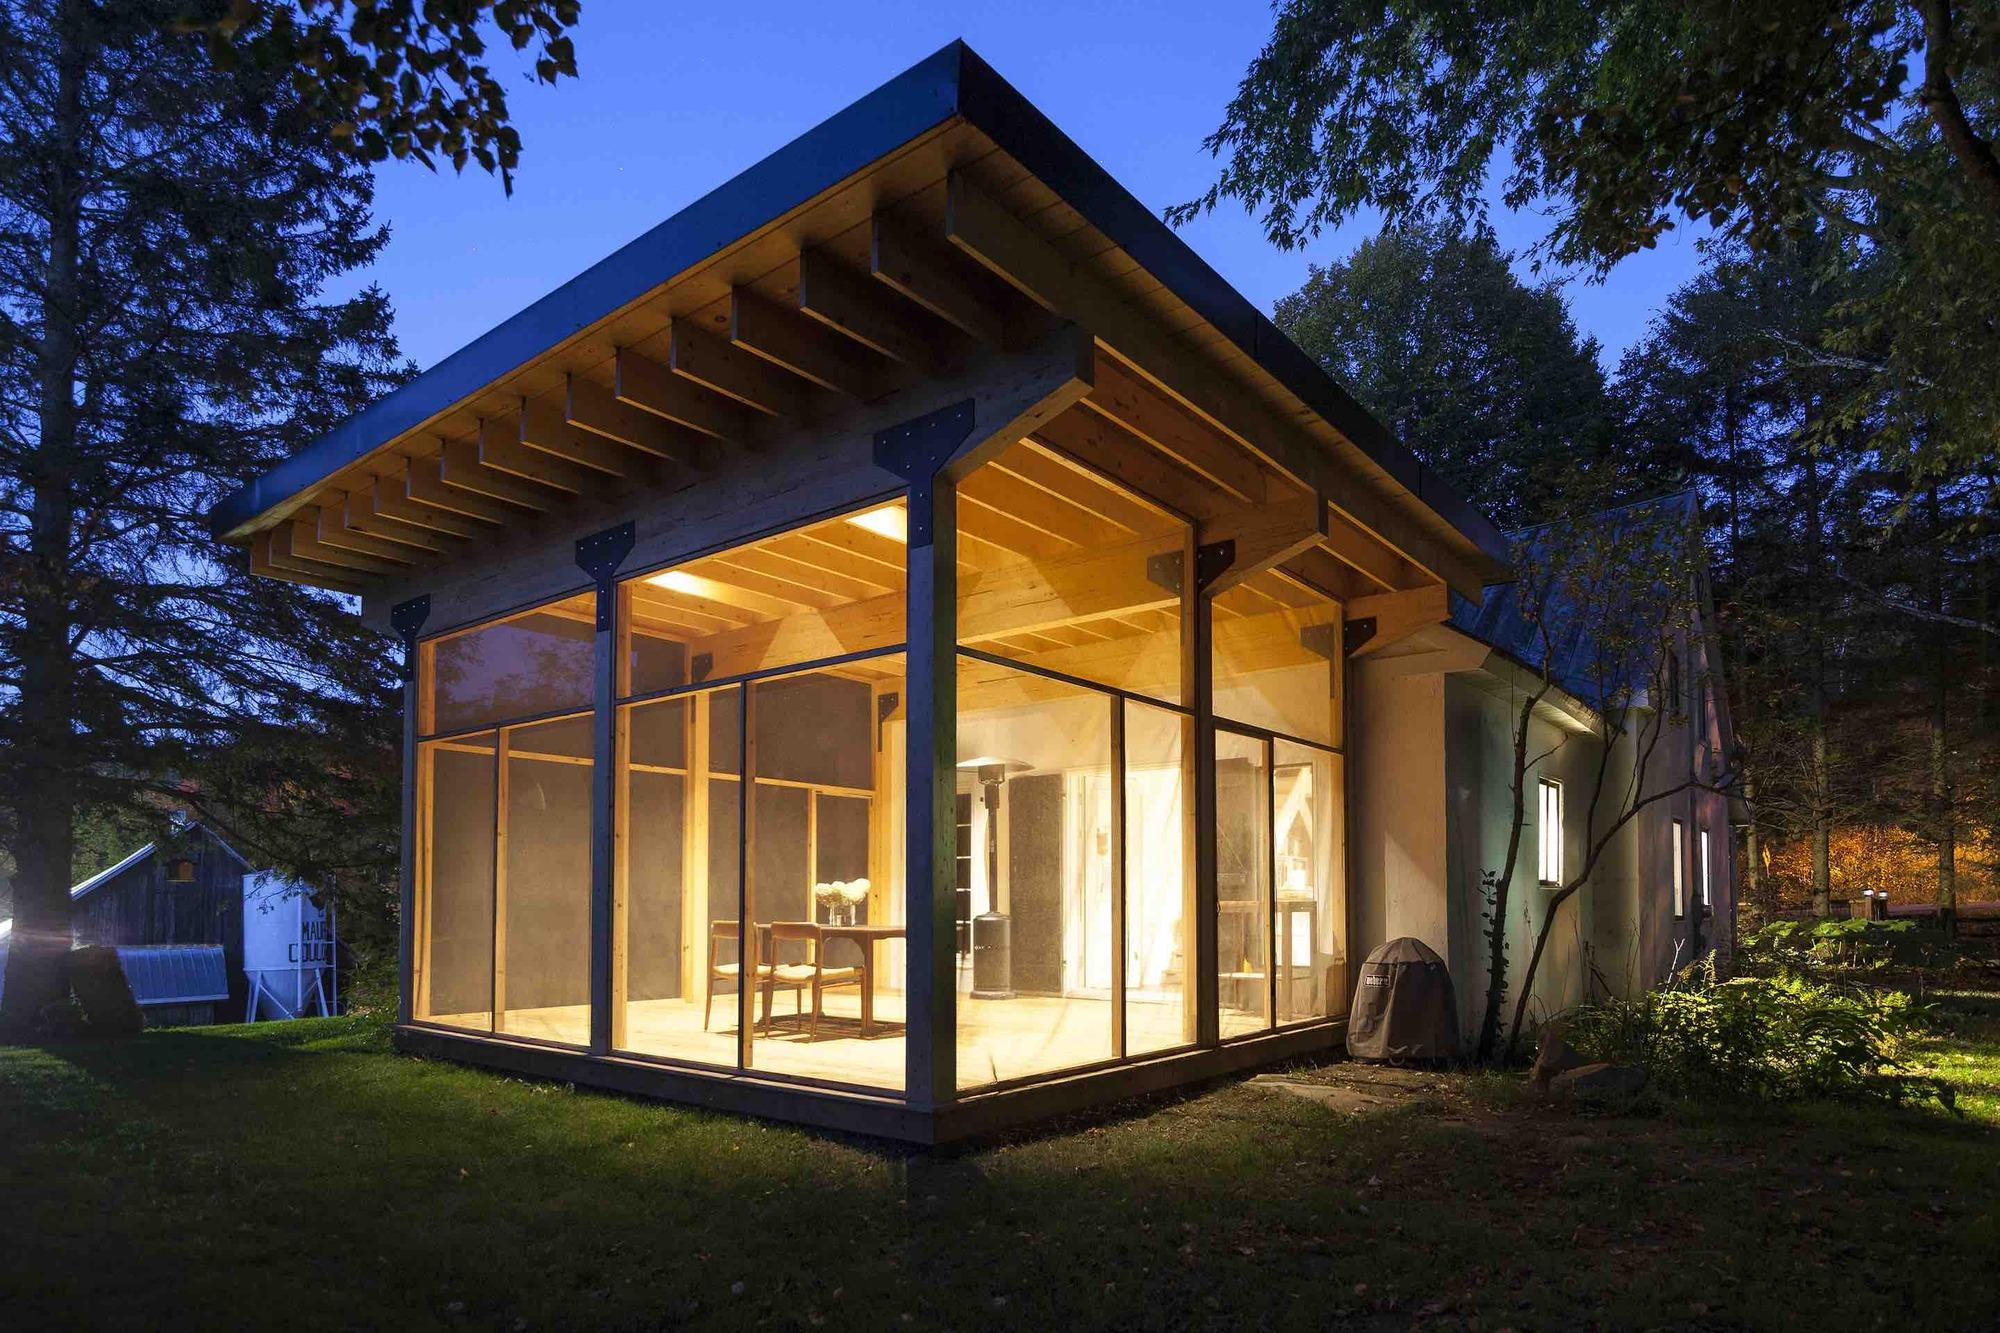 moustiquaire maurel coulombe guillaume pelletier. Black Bedroom Furniture Sets. Home Design Ideas